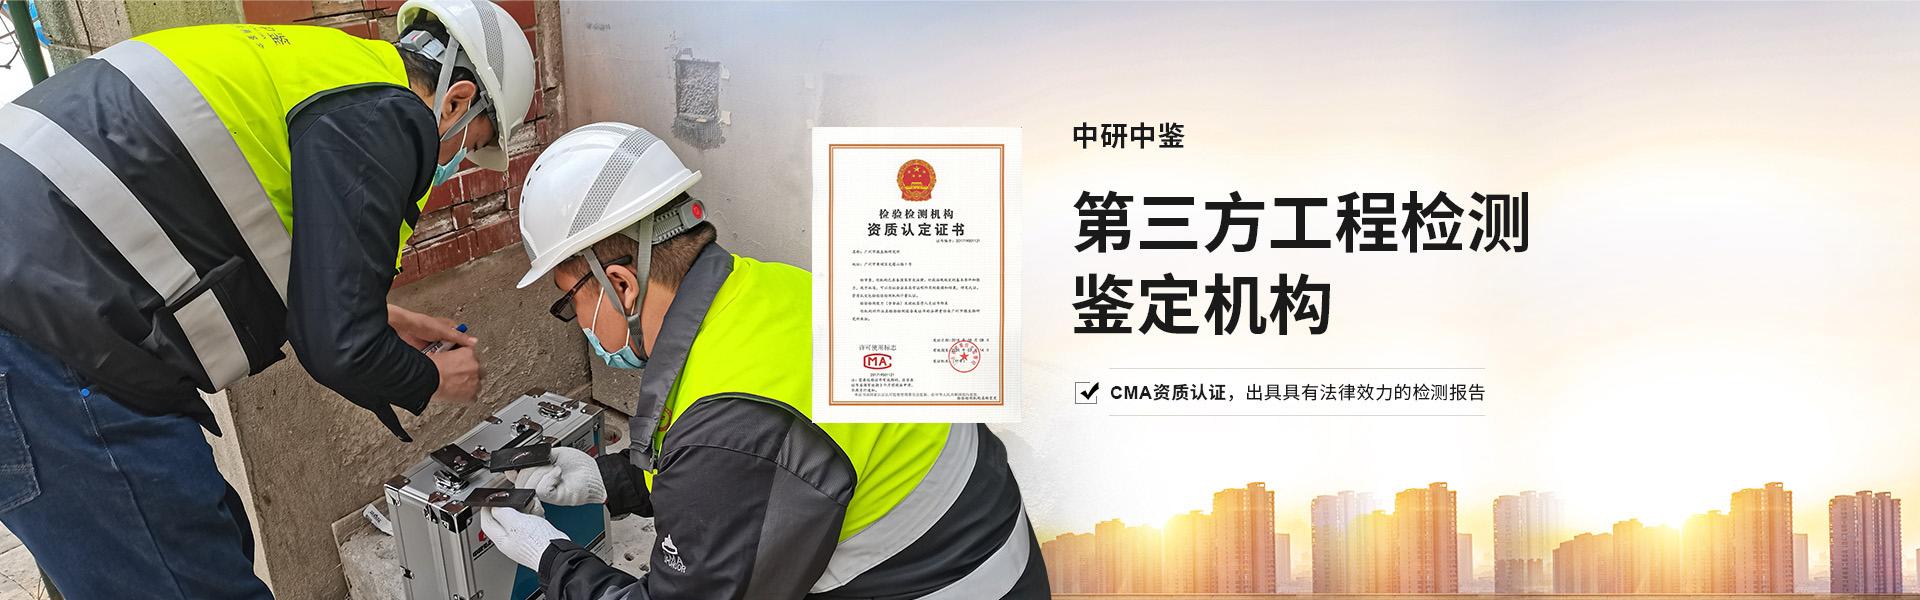 北京中研中鉴房屋安全鉴定:第三方工程检测鉴定机构